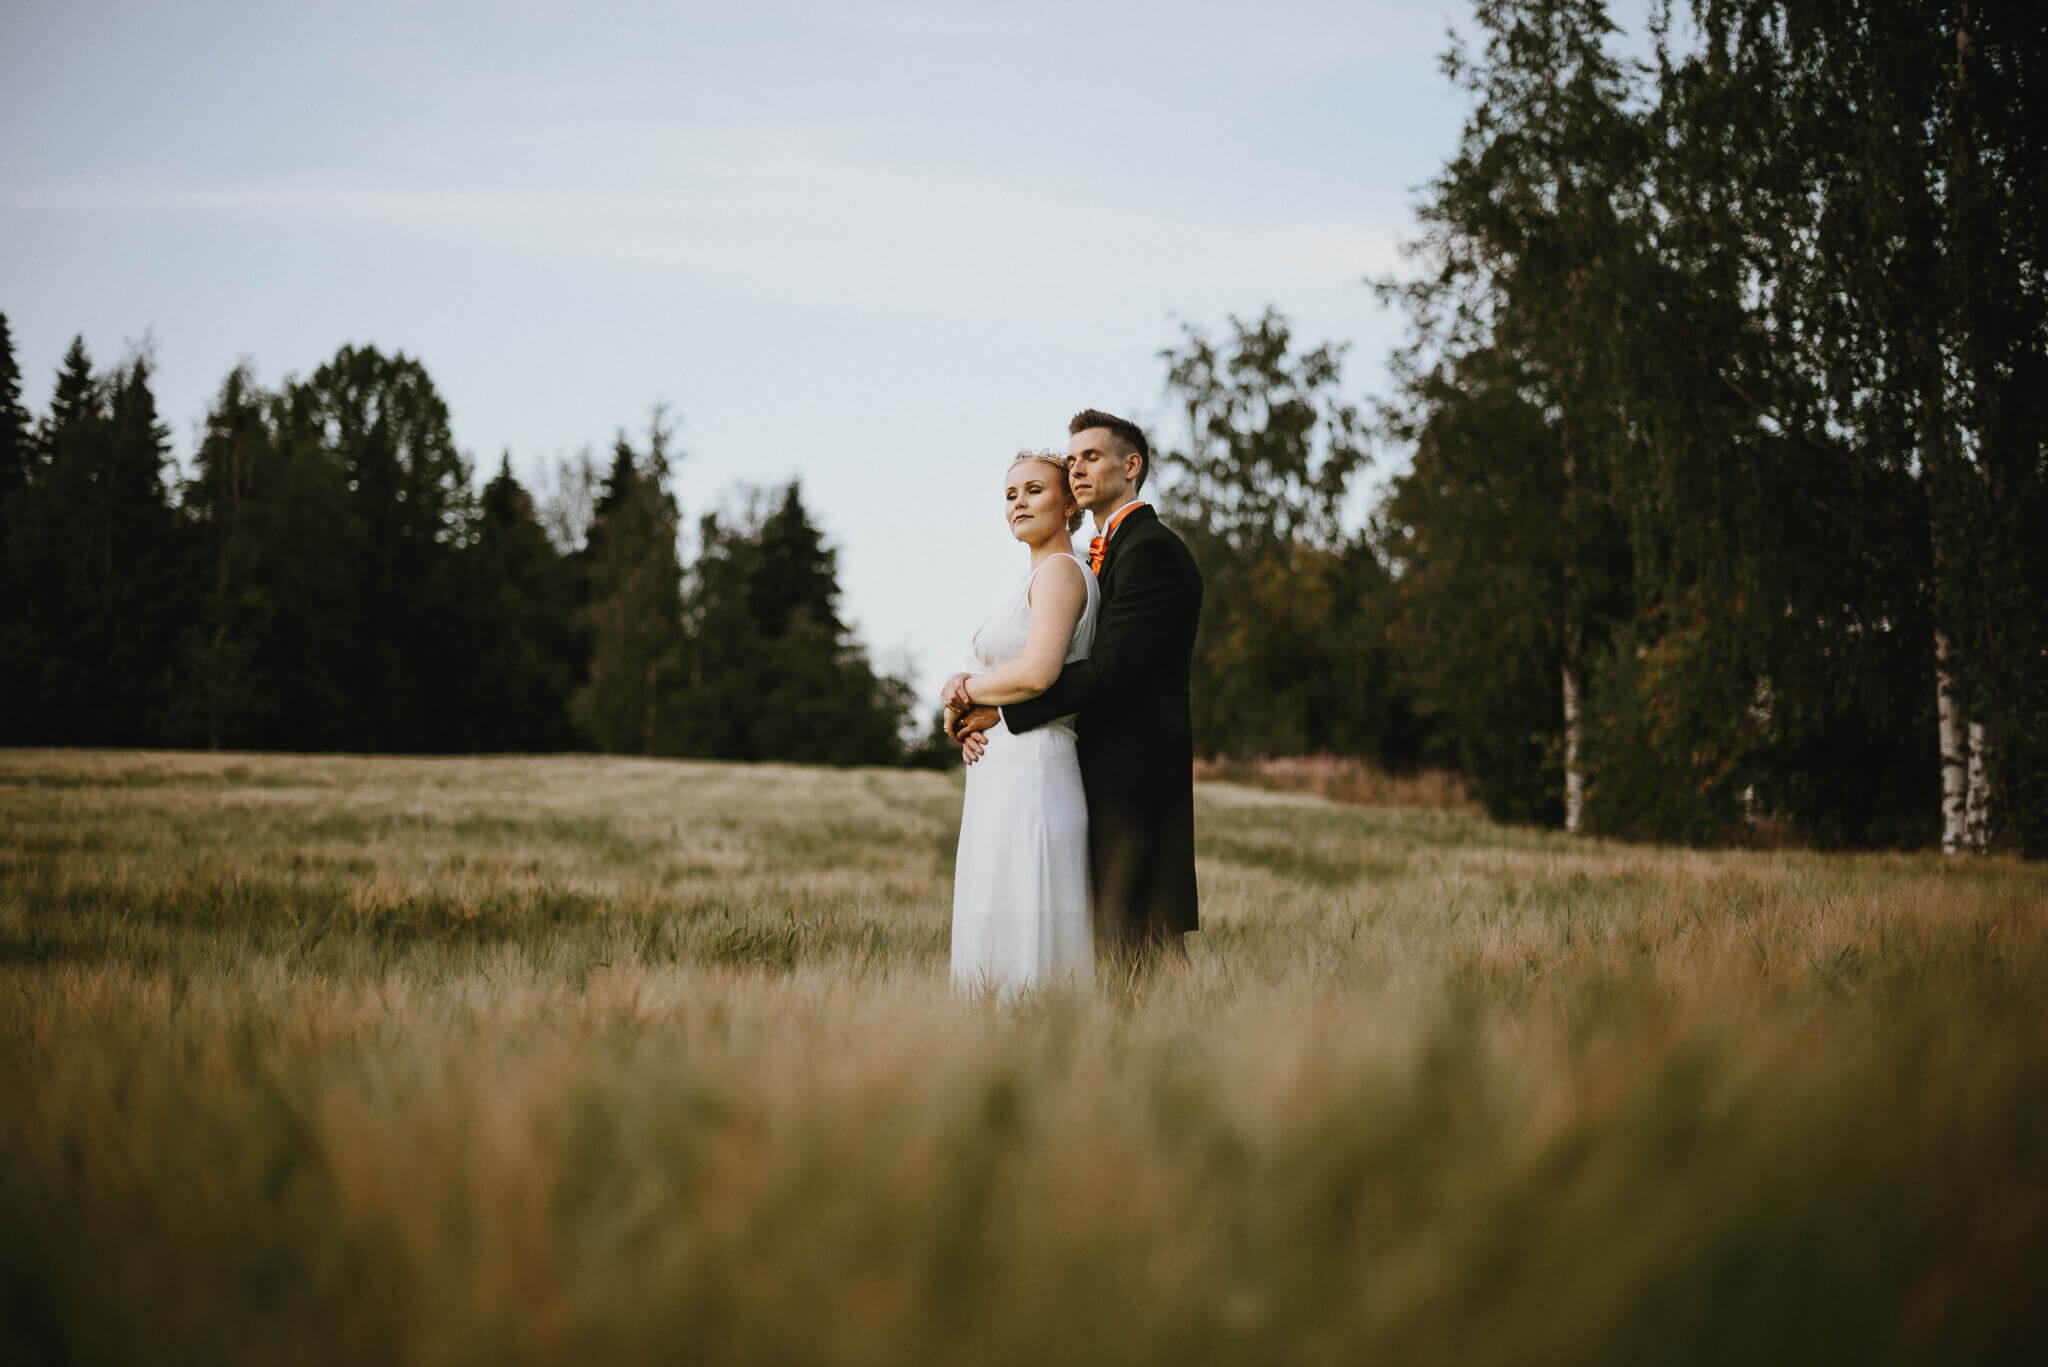 hääkuvaus jyväskylä keski-suomi (1)